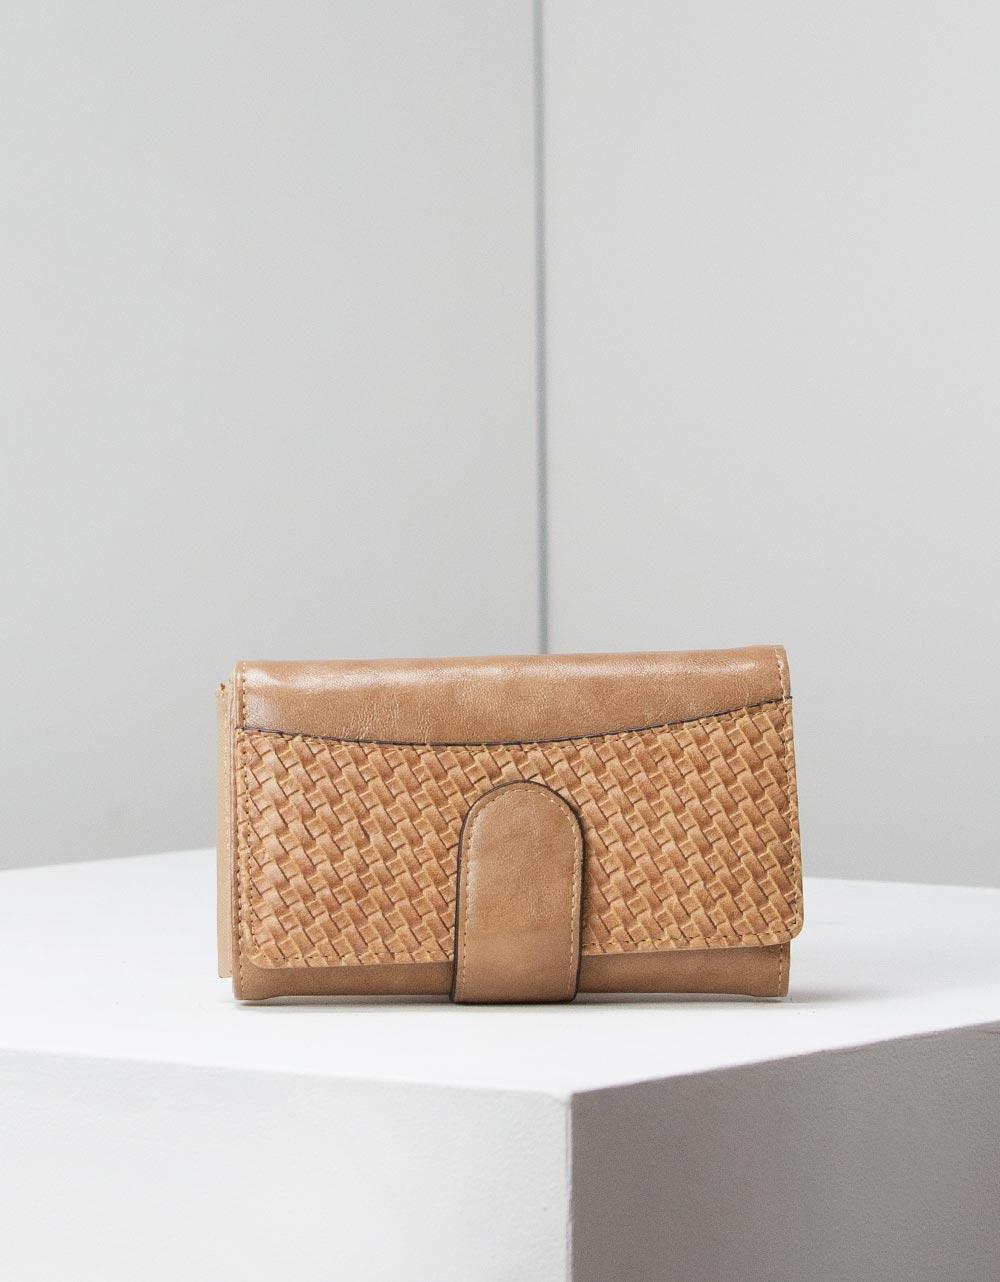 Εικόνα από Γυναικεία πορτοφόλια με ανάγλυφη λεπτομέρεια Πούρο